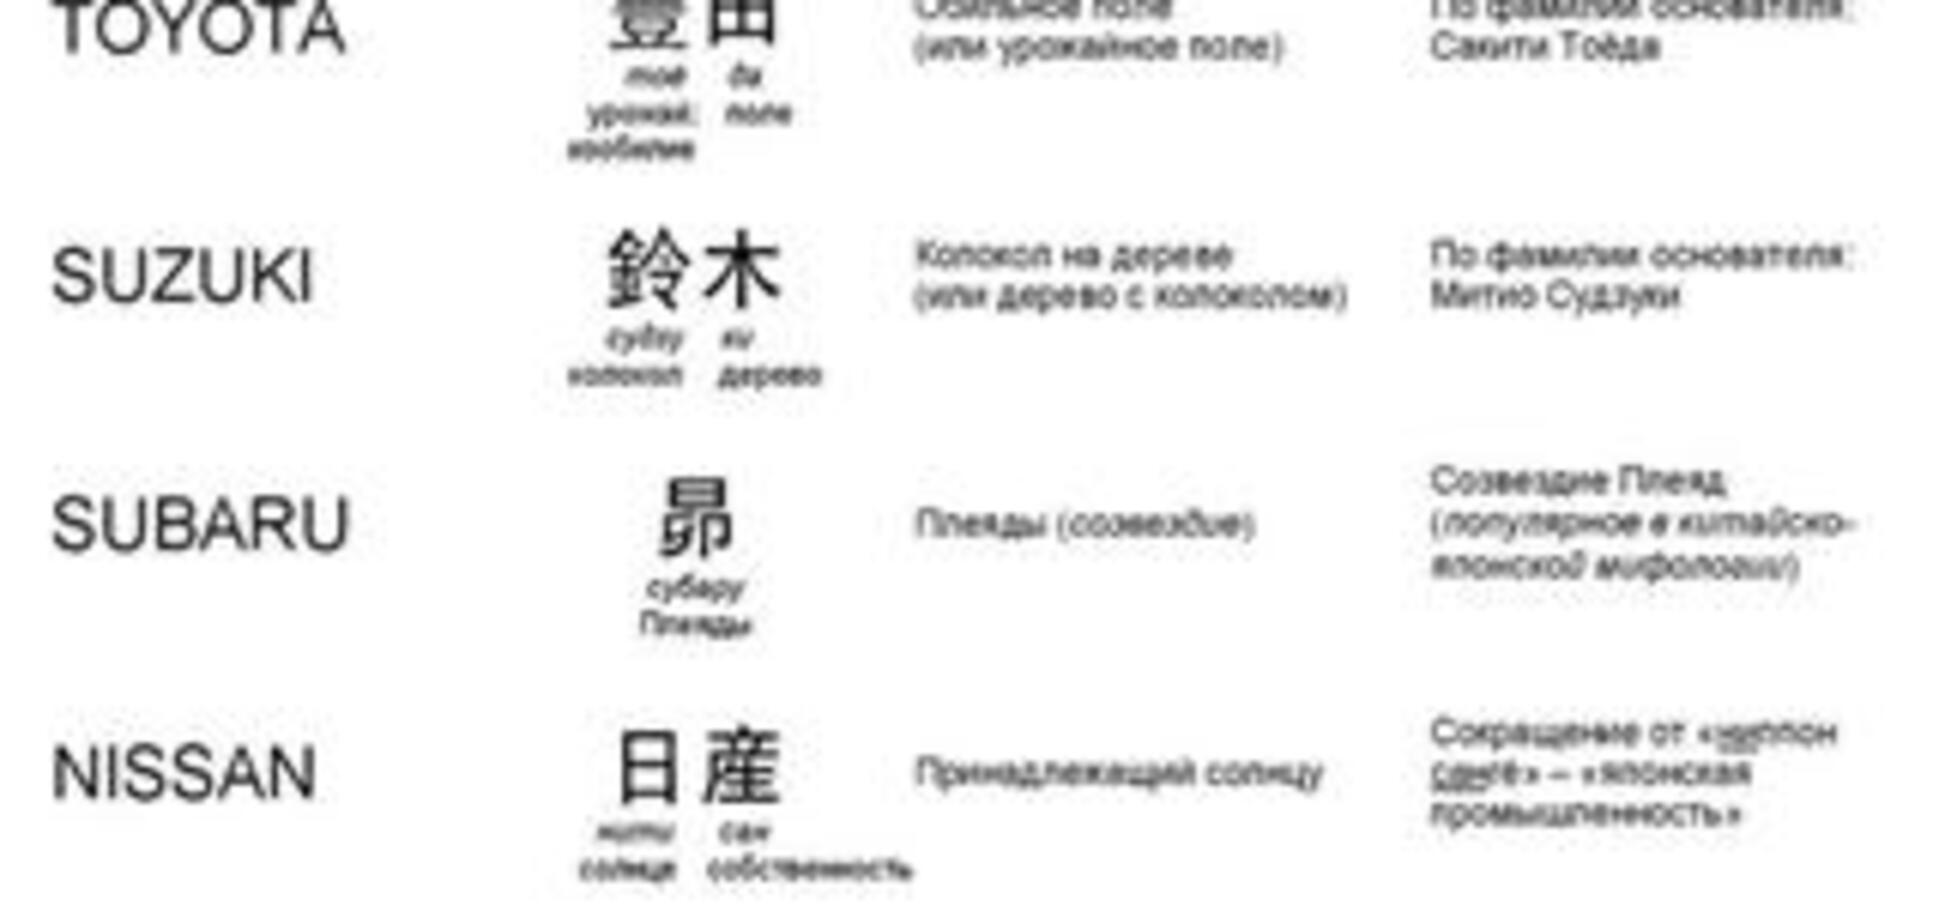 Что означают японские автобренды. Кликабельно. ФОТО